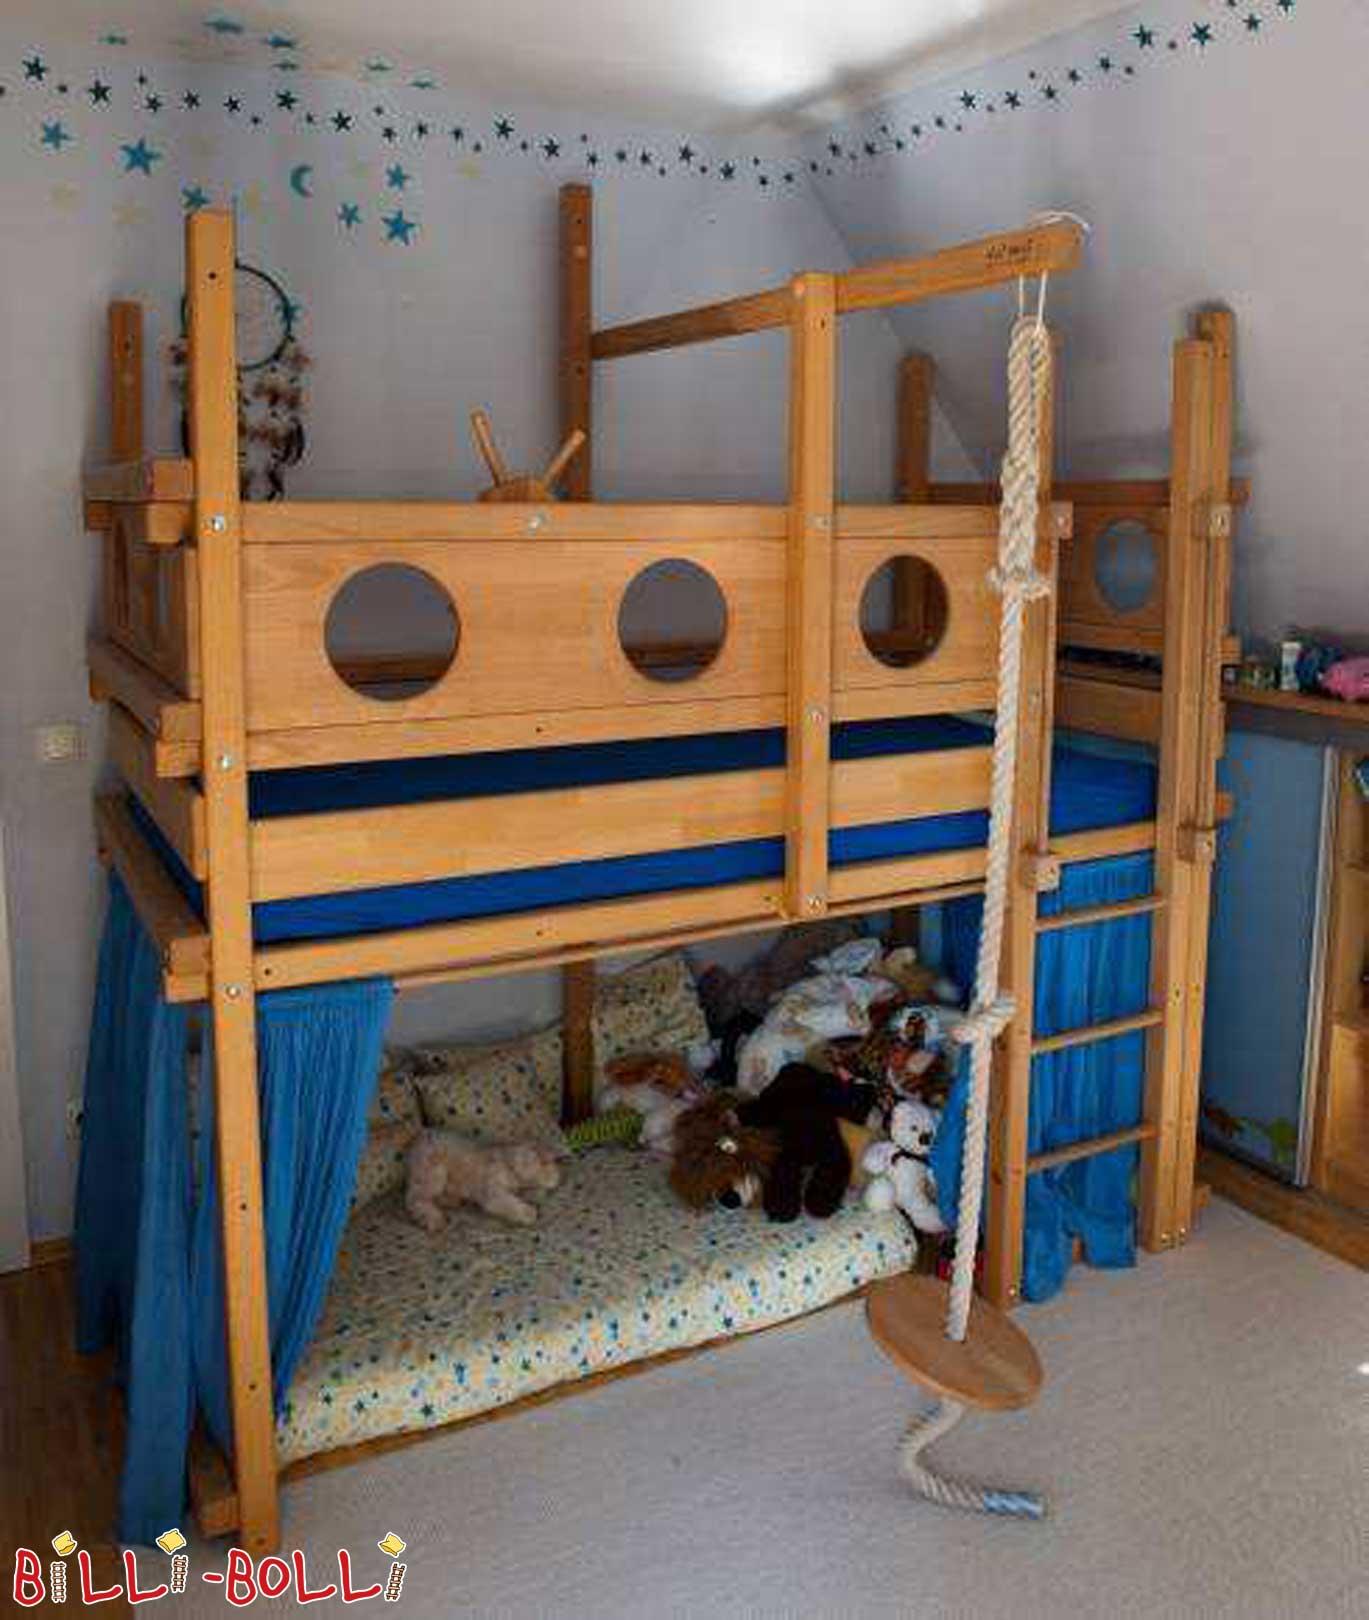 secondhand page 157 billi bolli kids furniture. Black Bedroom Furniture Sets. Home Design Ideas